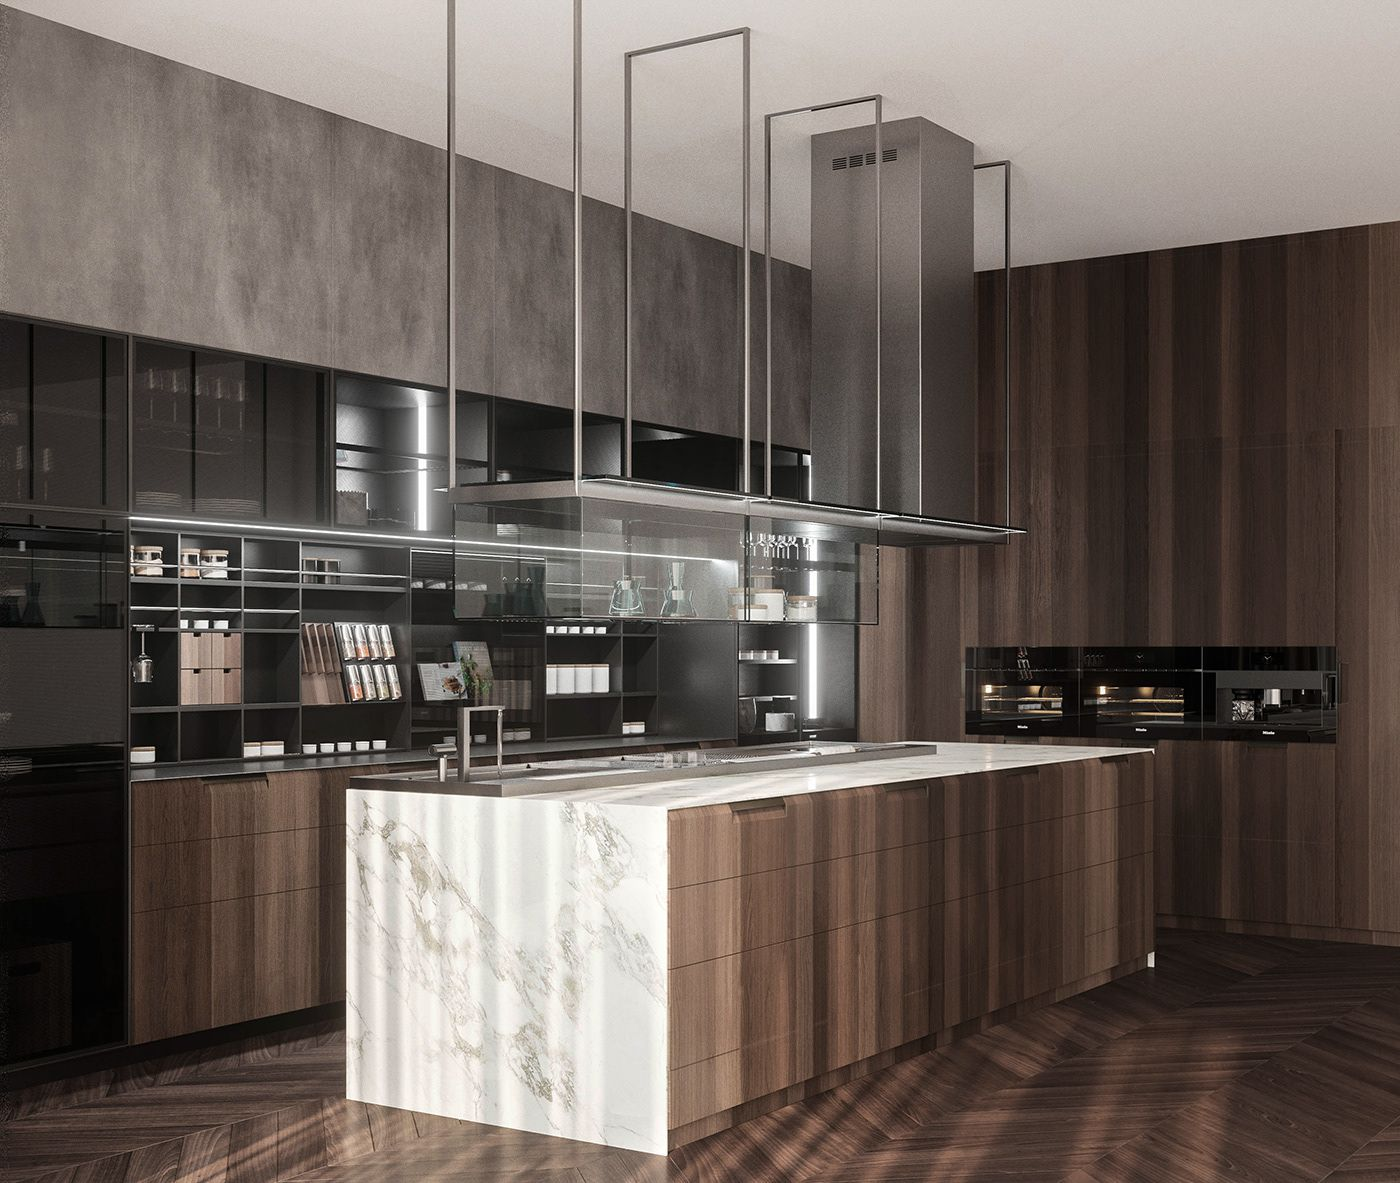 Poliform Kitchen on Behance | Poliform, Kitchen, Modern ...